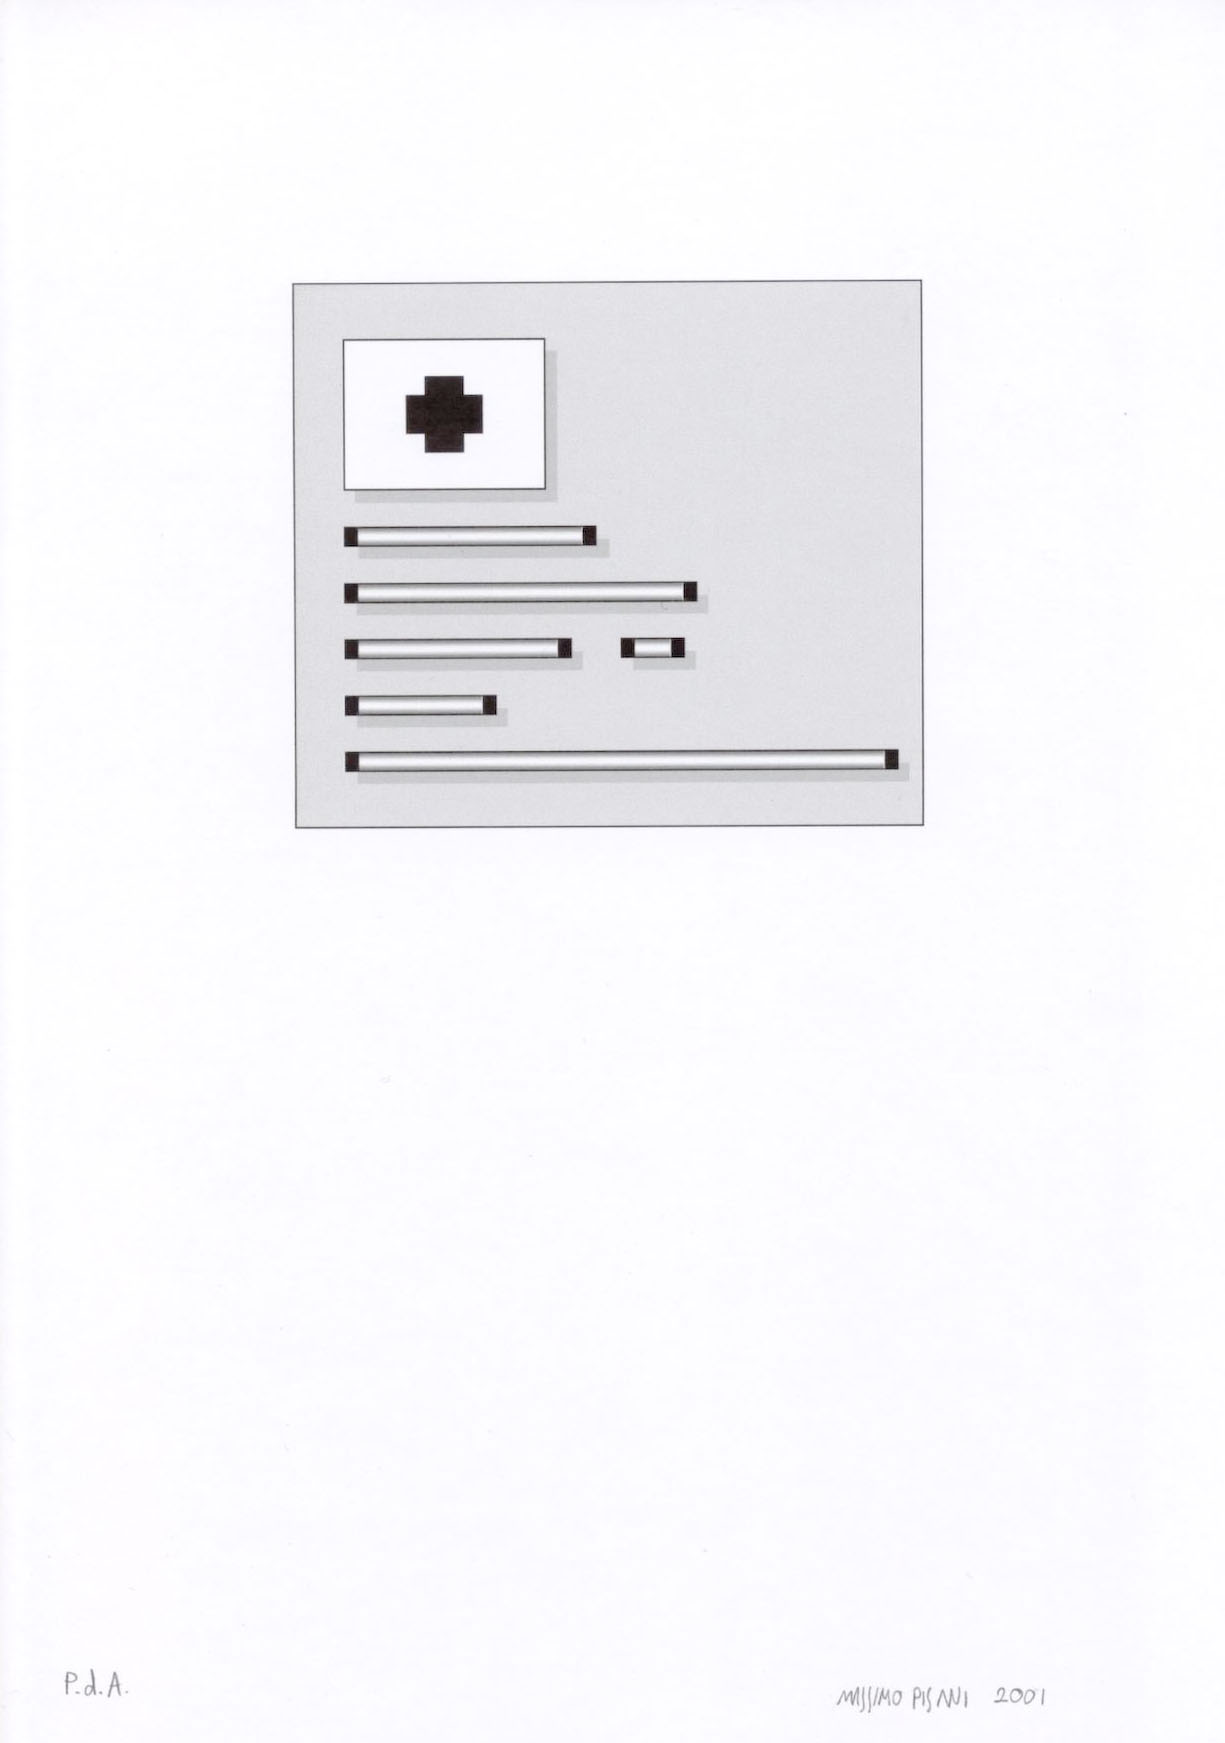 Ilustraciónes para la publicación Pulcino elefante cm.21x29,7 -2002- 13